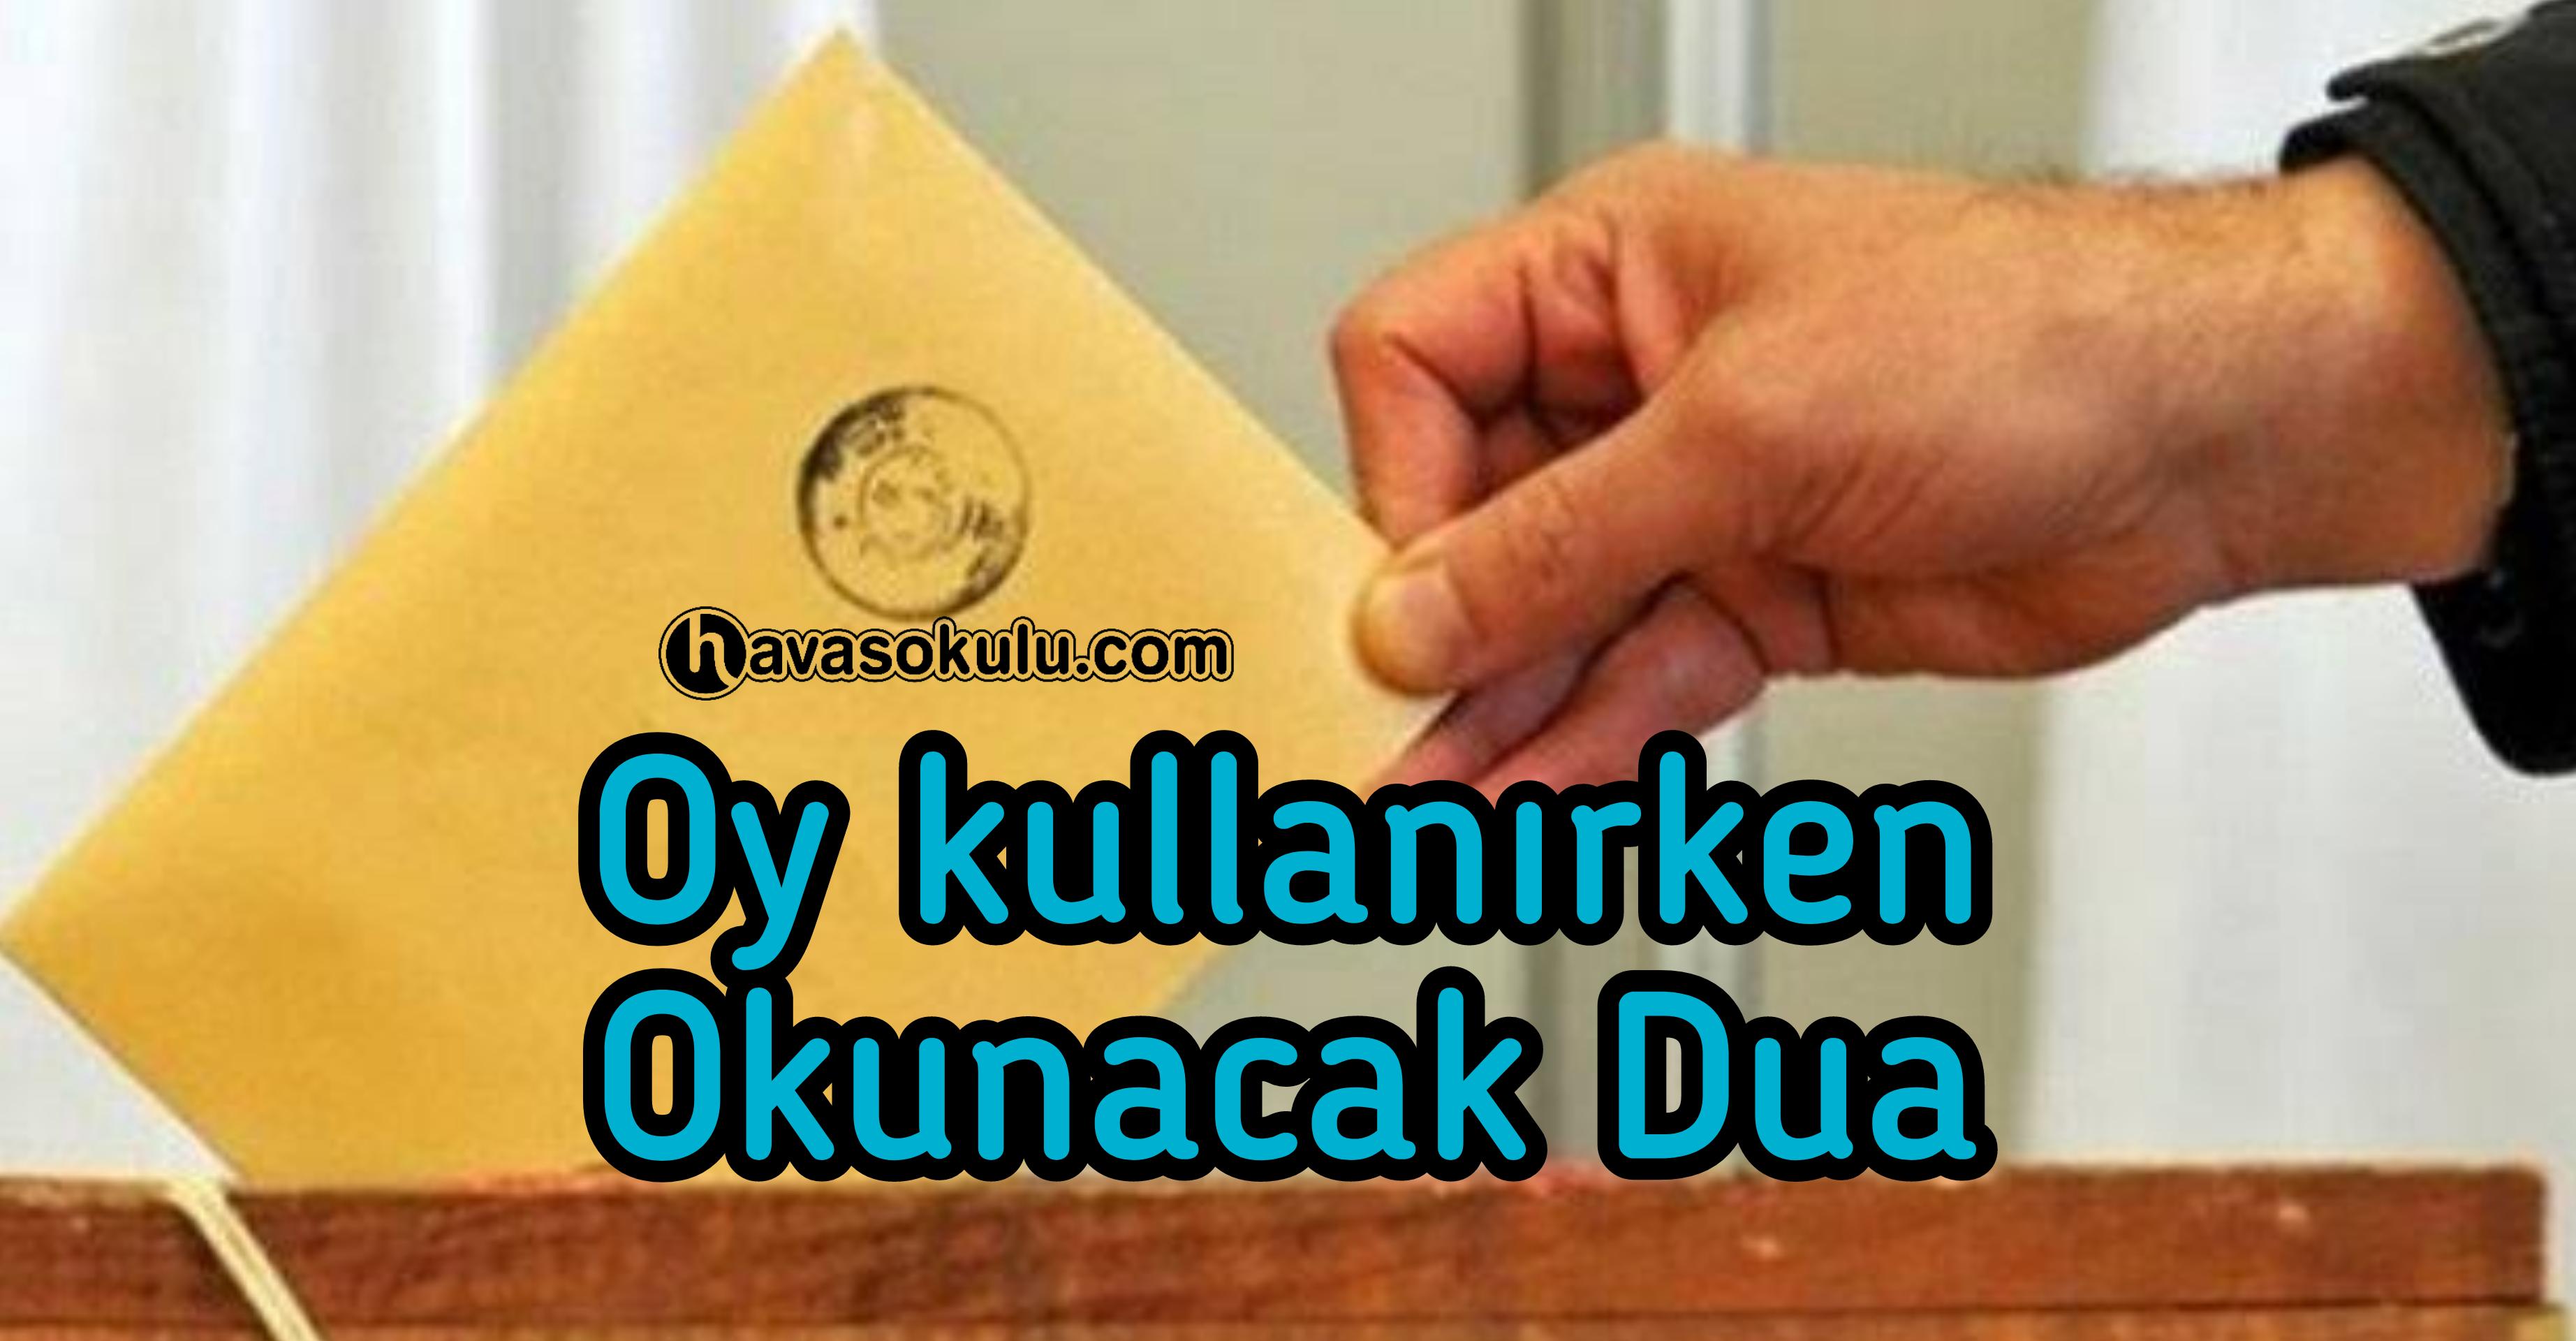 Oy kullanırken okunacak Dua